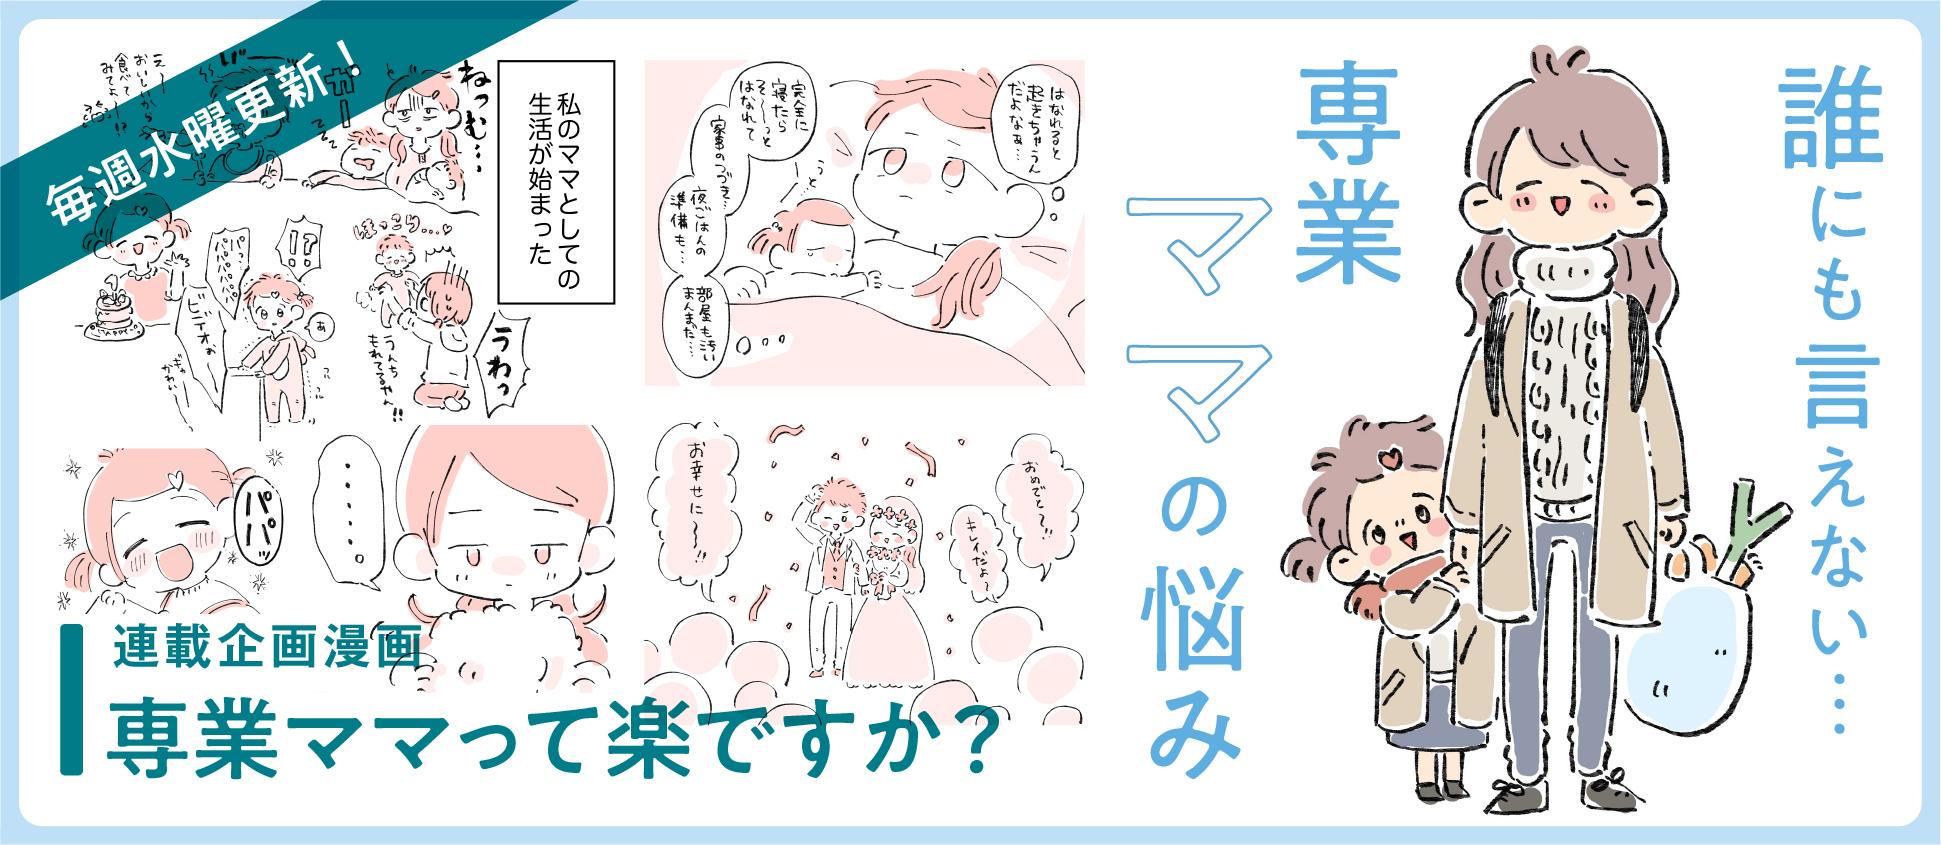 【連載漫画】専業ママって楽ですか?